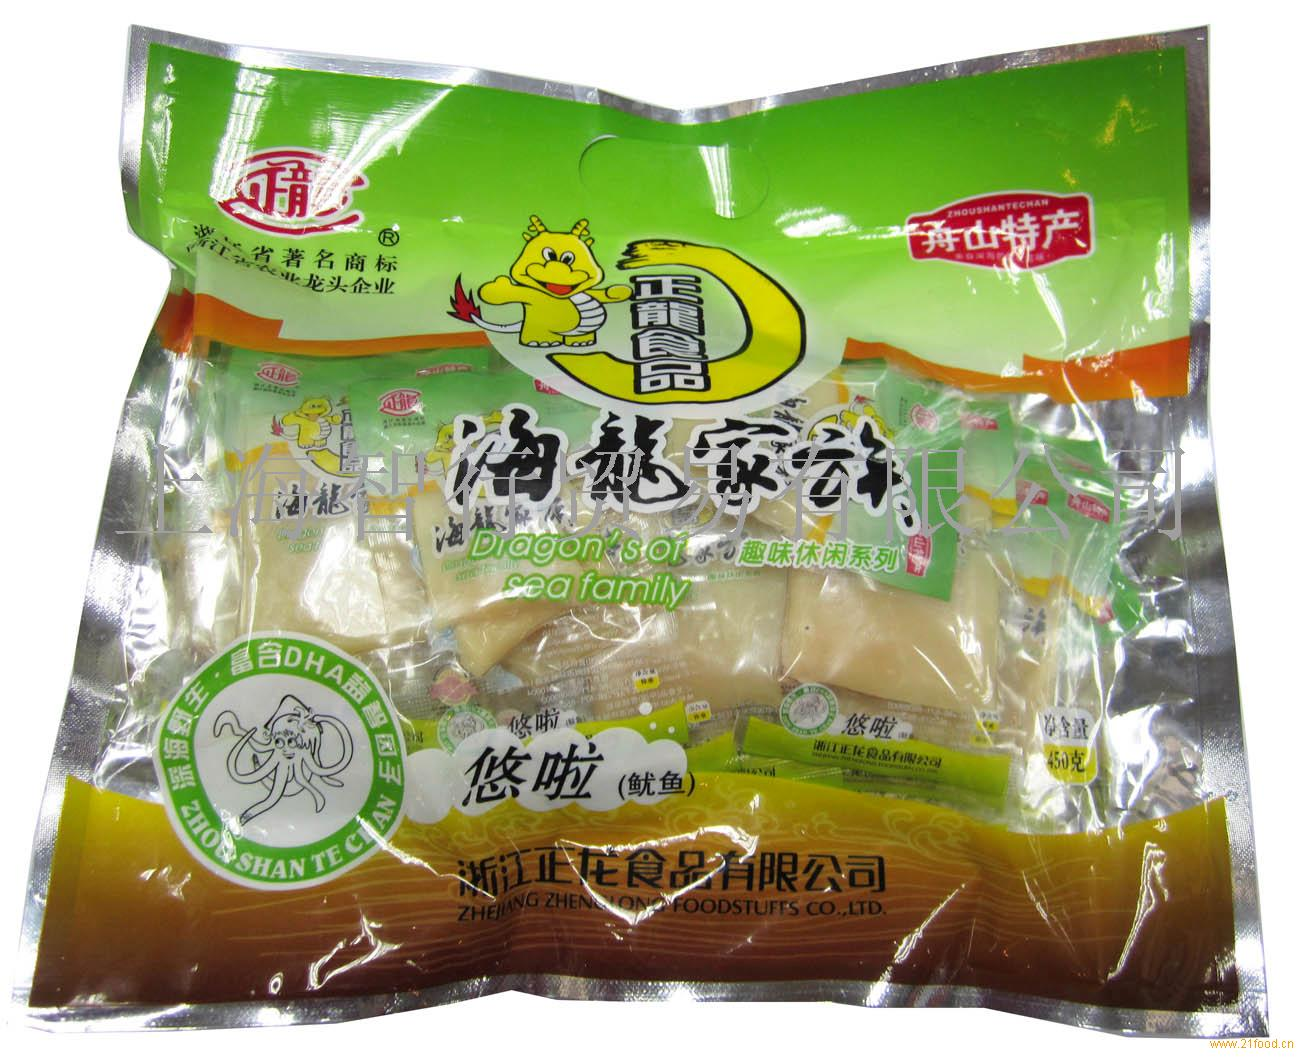 上海智行贸易有限公司是由浙江正龙食品有限公司在上海建立的一个子公司。 本公司继承了母公司所有产品的开发与销售,所经营的海产休闲食品全部先后通过了美国食品卫生注册要求、欧盟食品卫生注册要求、ISO14001环境管理体系认证、ISO9001质量管理体系认证、HACCP认证等。 上海智行贸易有限公司奉行以质量求生存,以信誉求发展的质量方针,严格致立于和谐共赢的交易原则,上海智行贸易有限公司也将秉承和发扬敬业、诚信、求实、创新的企业精神,与社会各界朋友广泛的合作,与时俱进,更创辉煌。